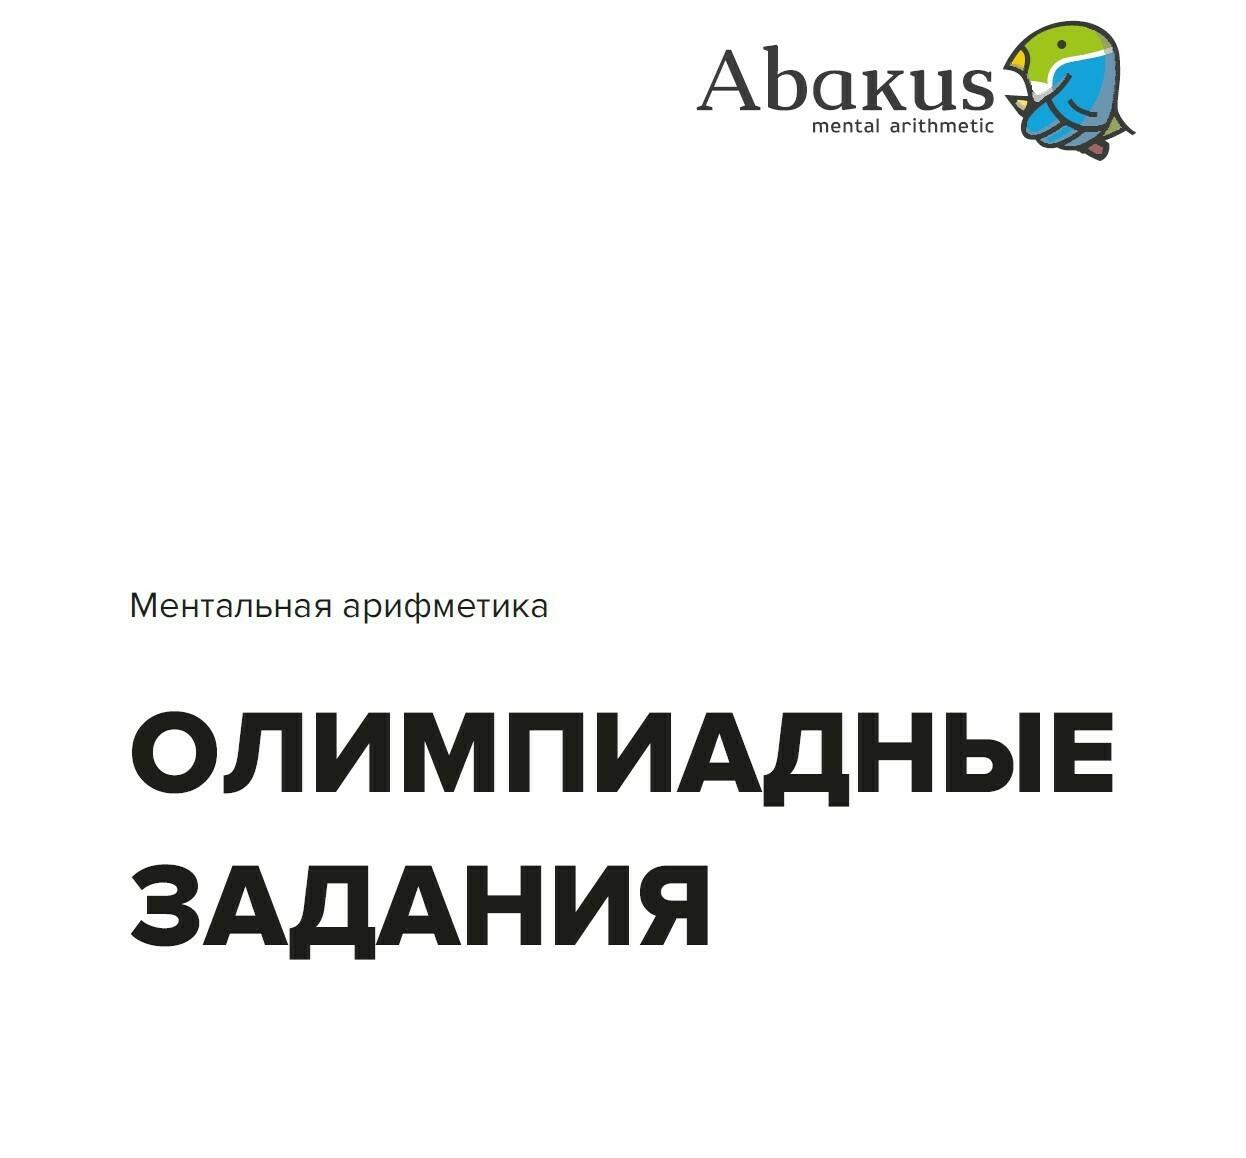 Задания Олимпиад Абакус за 2018-2019 гг. (PDF)